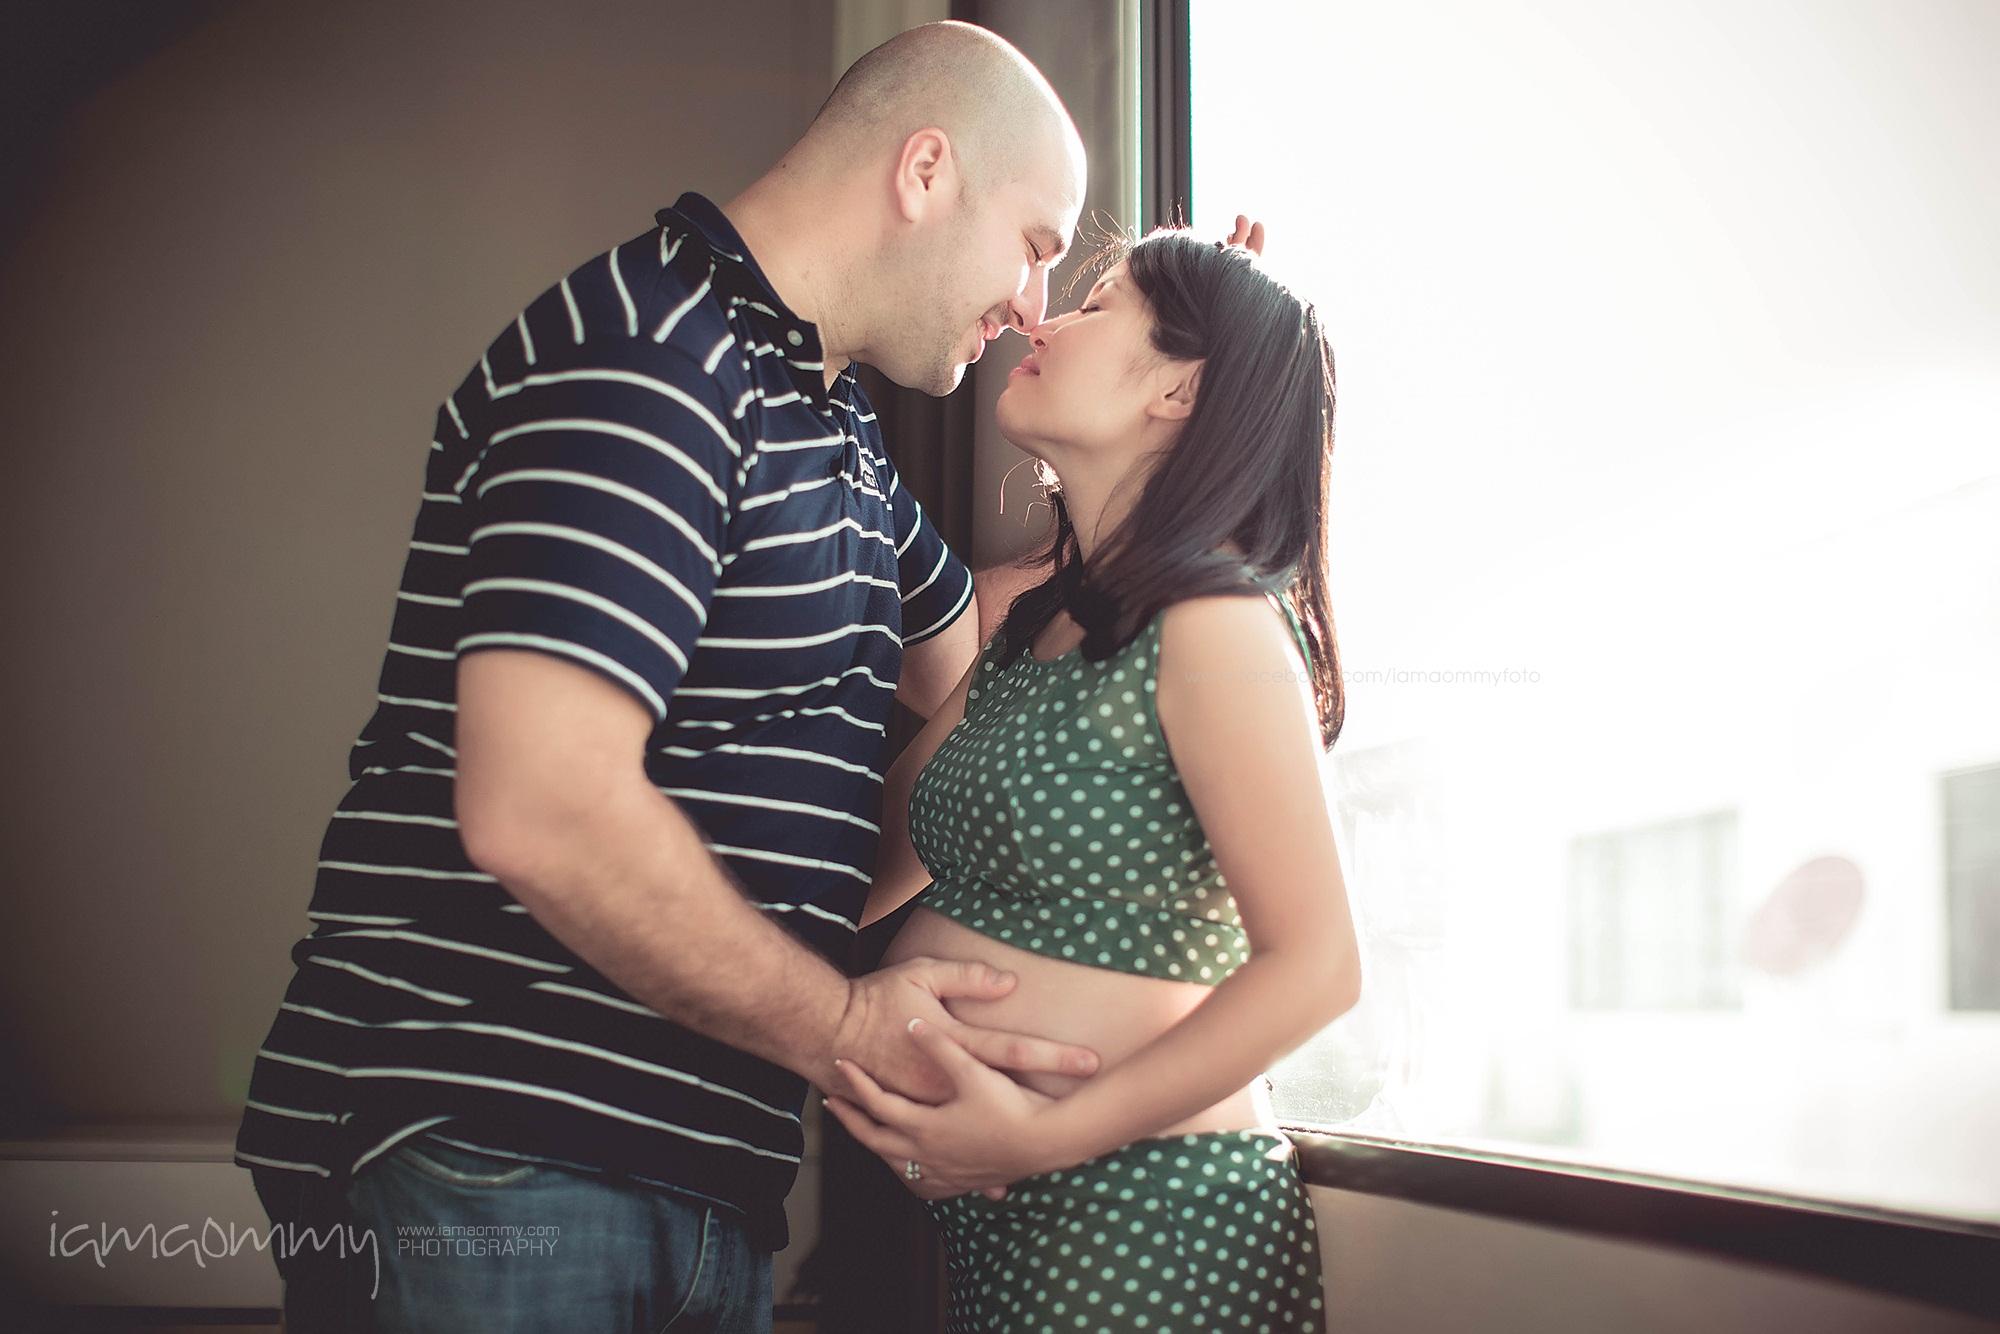 ถ่ายรูปคุณแม่ตั้งครรภ์-5